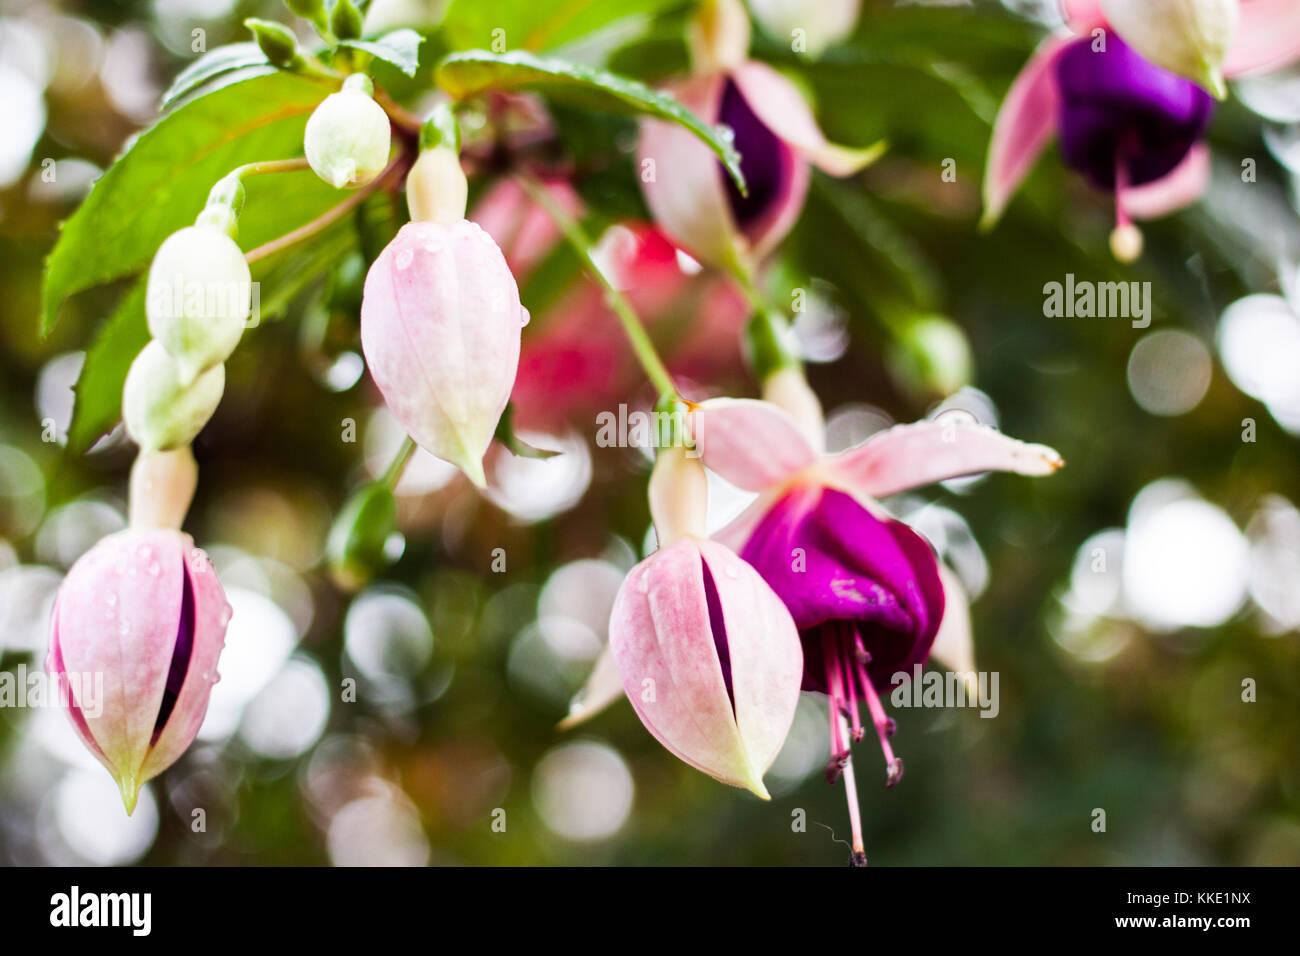 Fiori A Campanelle.Fuchsia La Campanella Immagini Fuchsia La Campanella Fotos Stock